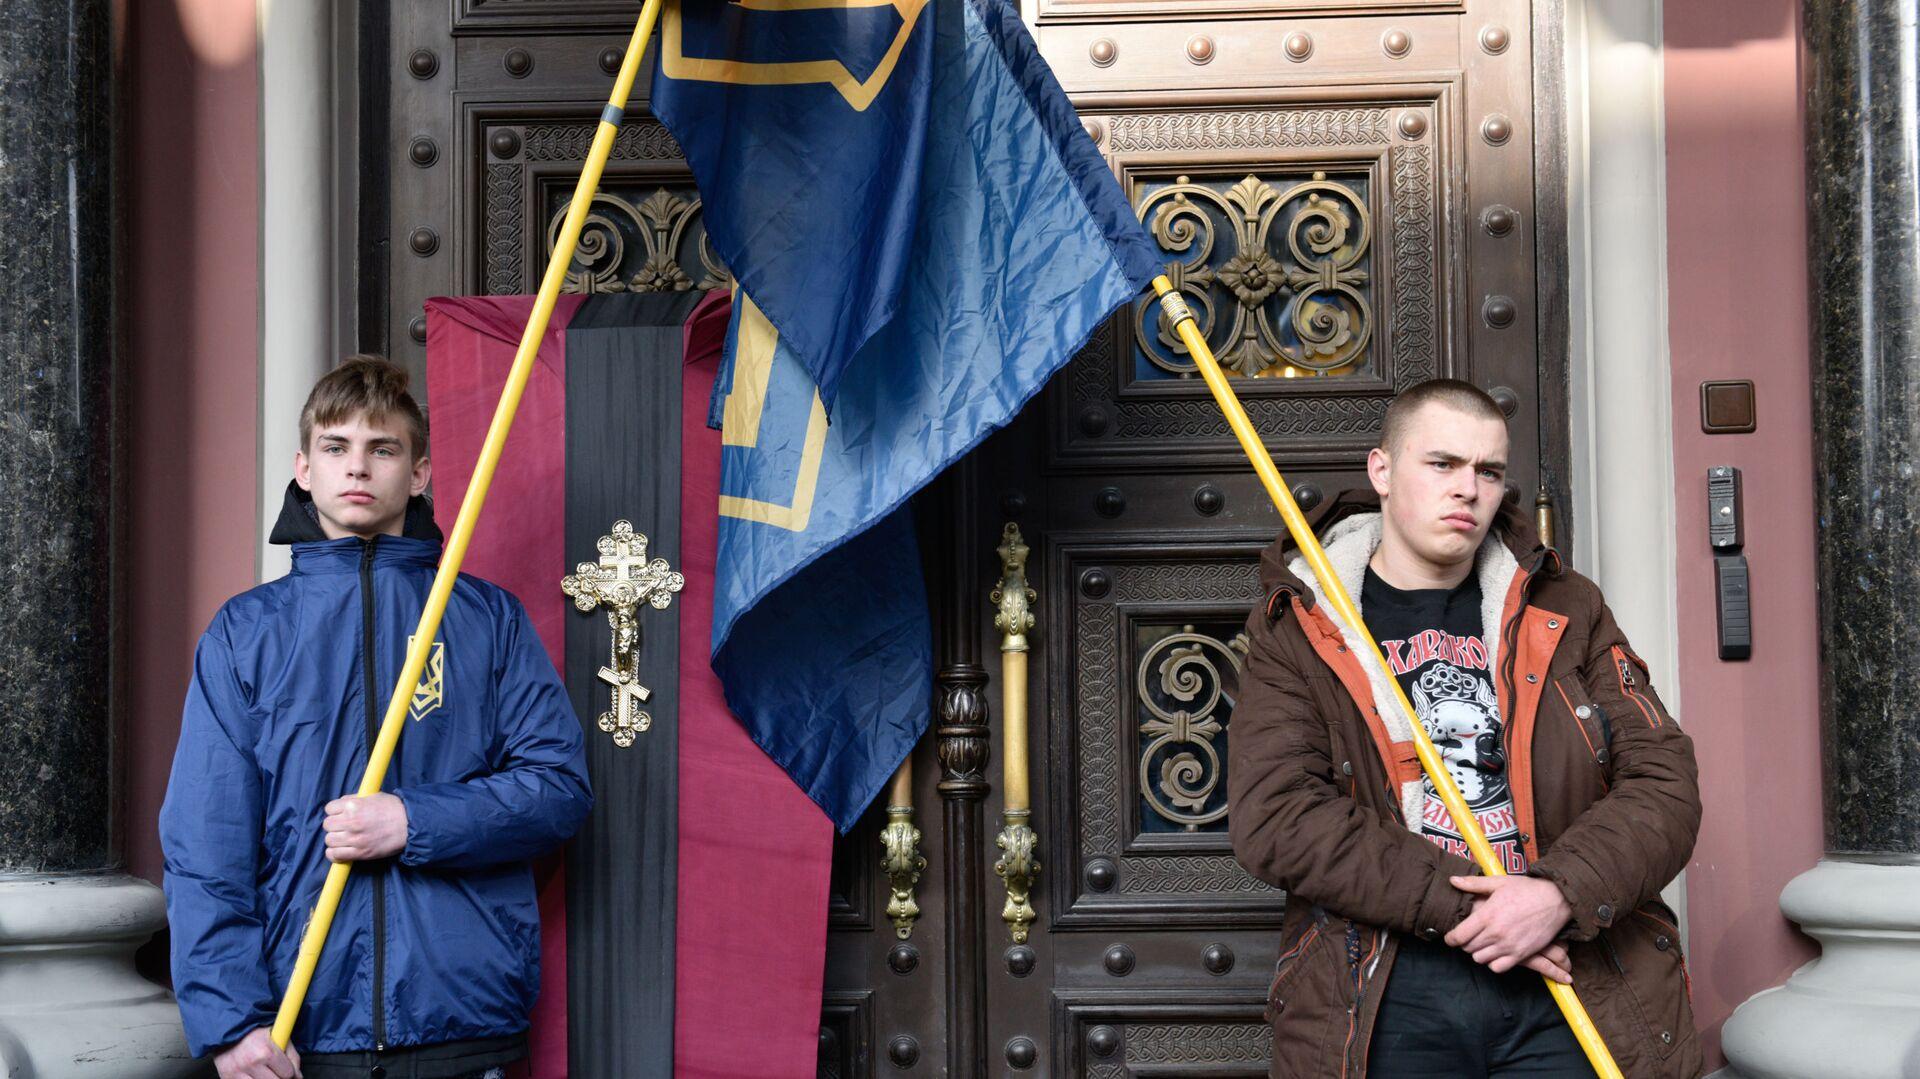 Uczestnicy akcji nacjonalistów pod budynkiem Banku Narodowego Ukrainy w Kijowie - Sputnik Polska, 1920, 01.09.2021